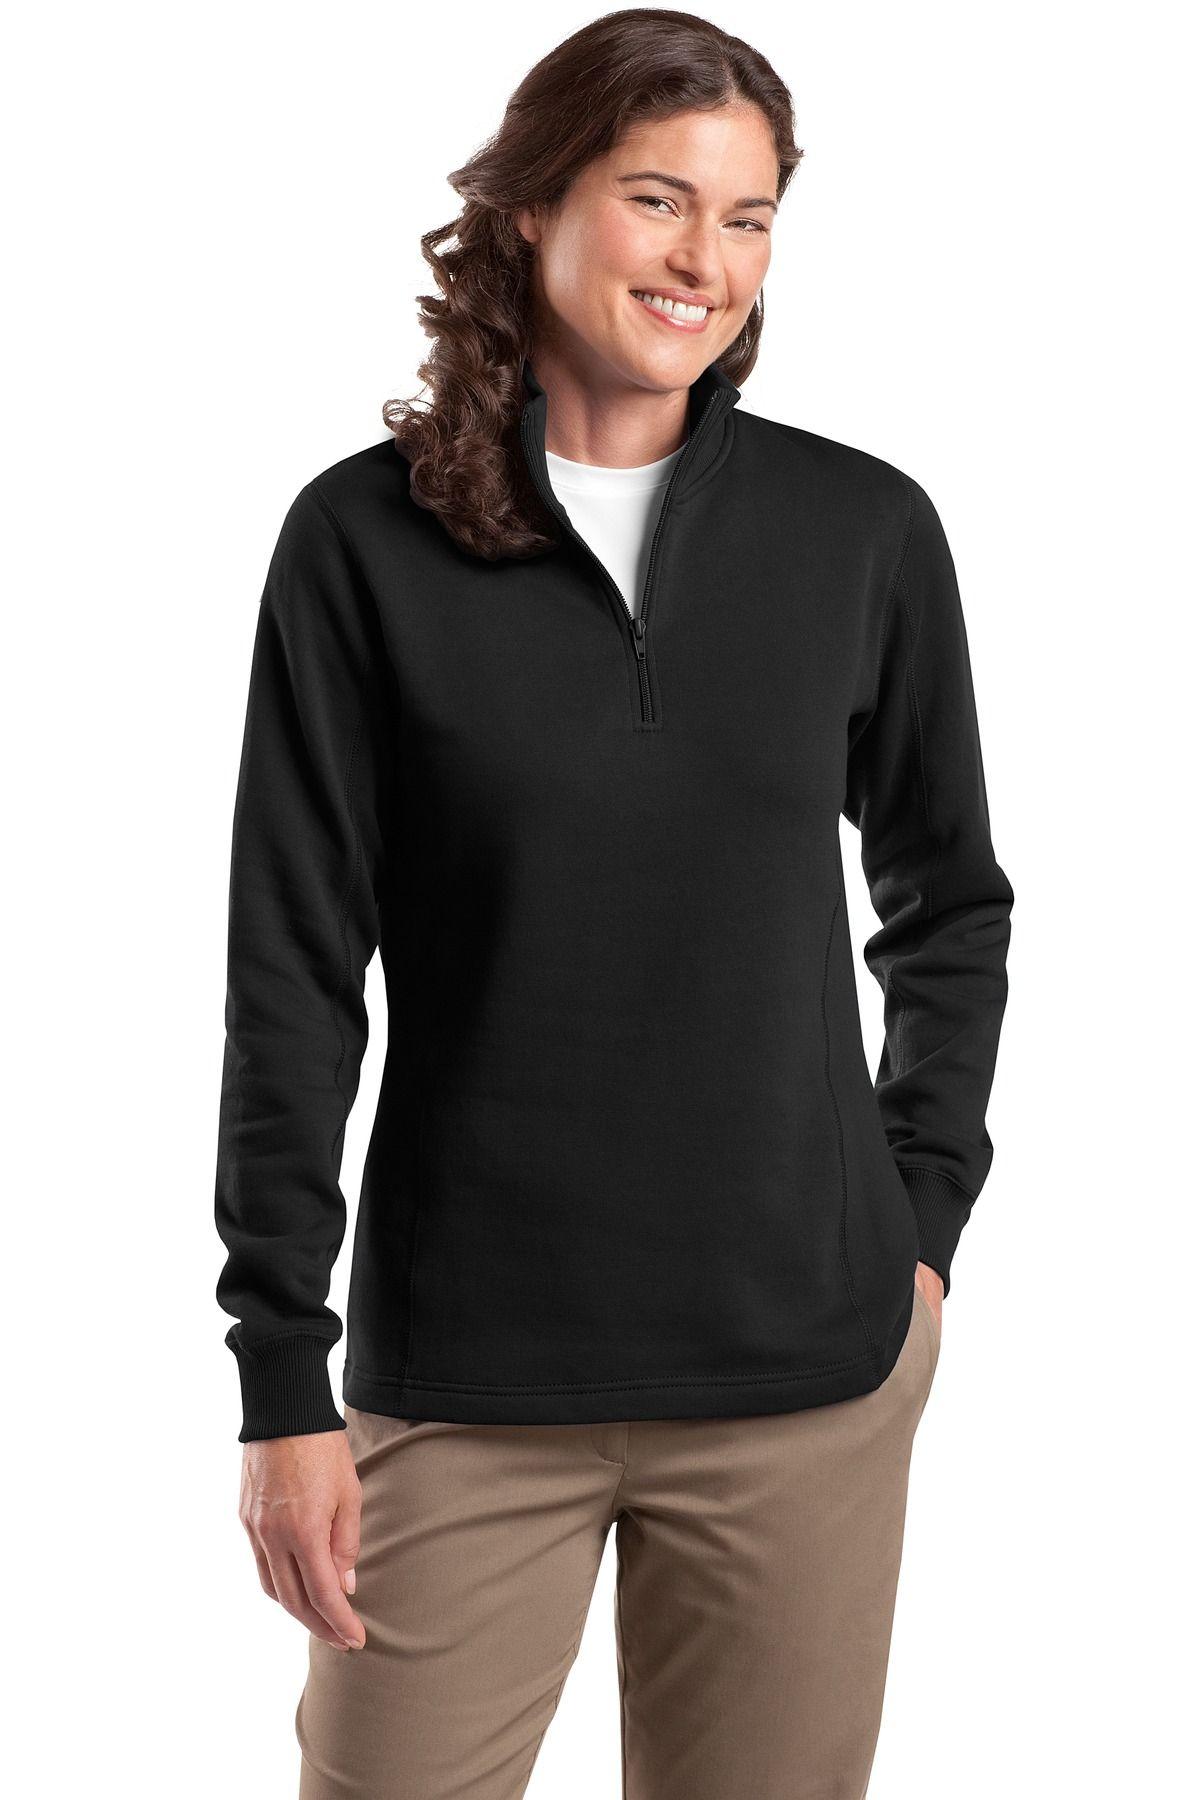 SportTek Ladies' 1/4 Zip Sweatshirt Zip sweatshirt